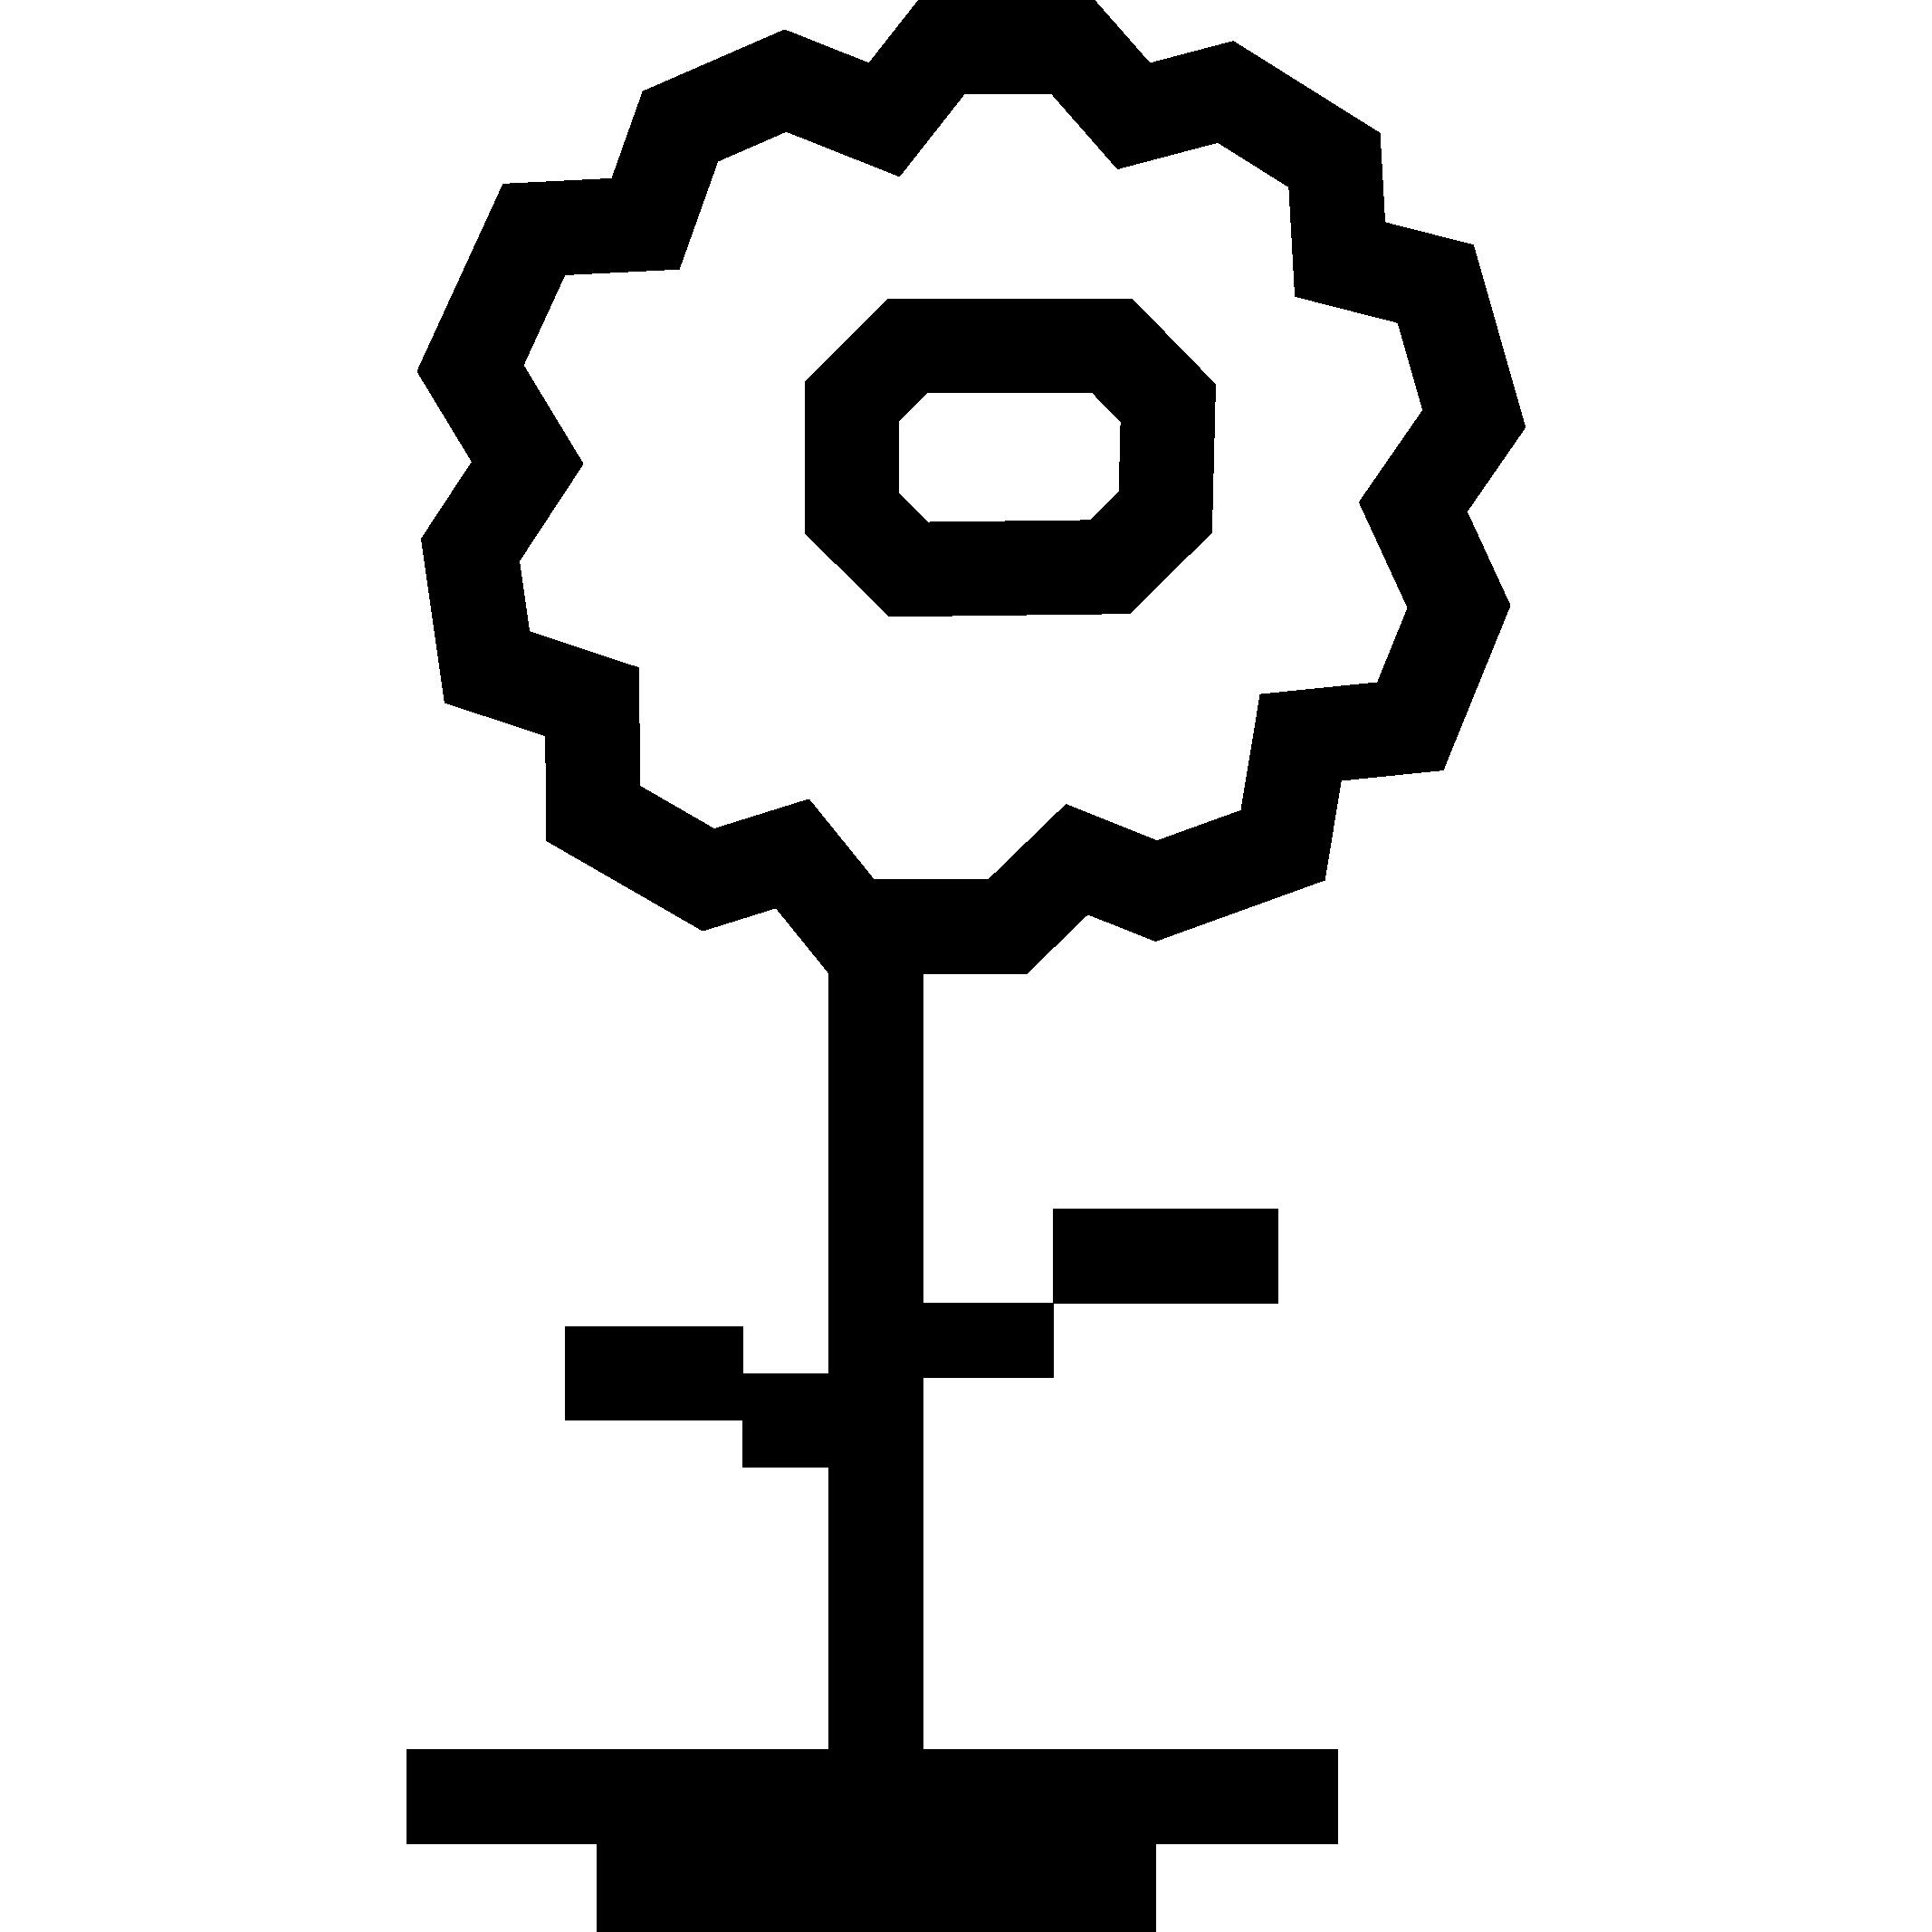 flower Logo 03.11.2020_512px